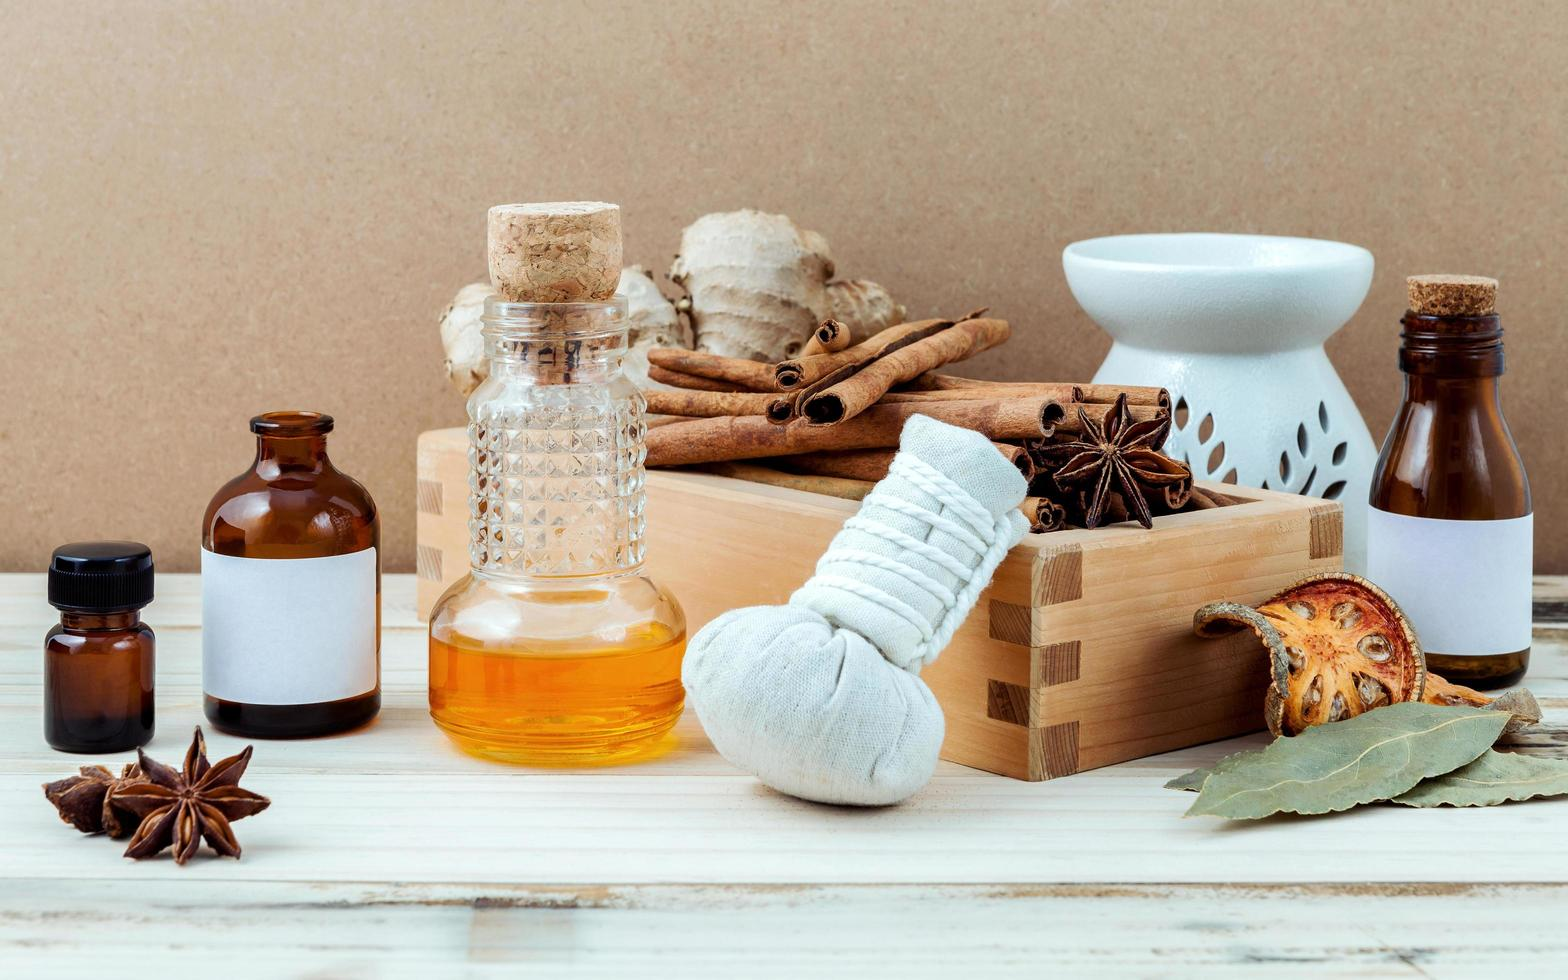 aceites esenciales con artículos de spa foto